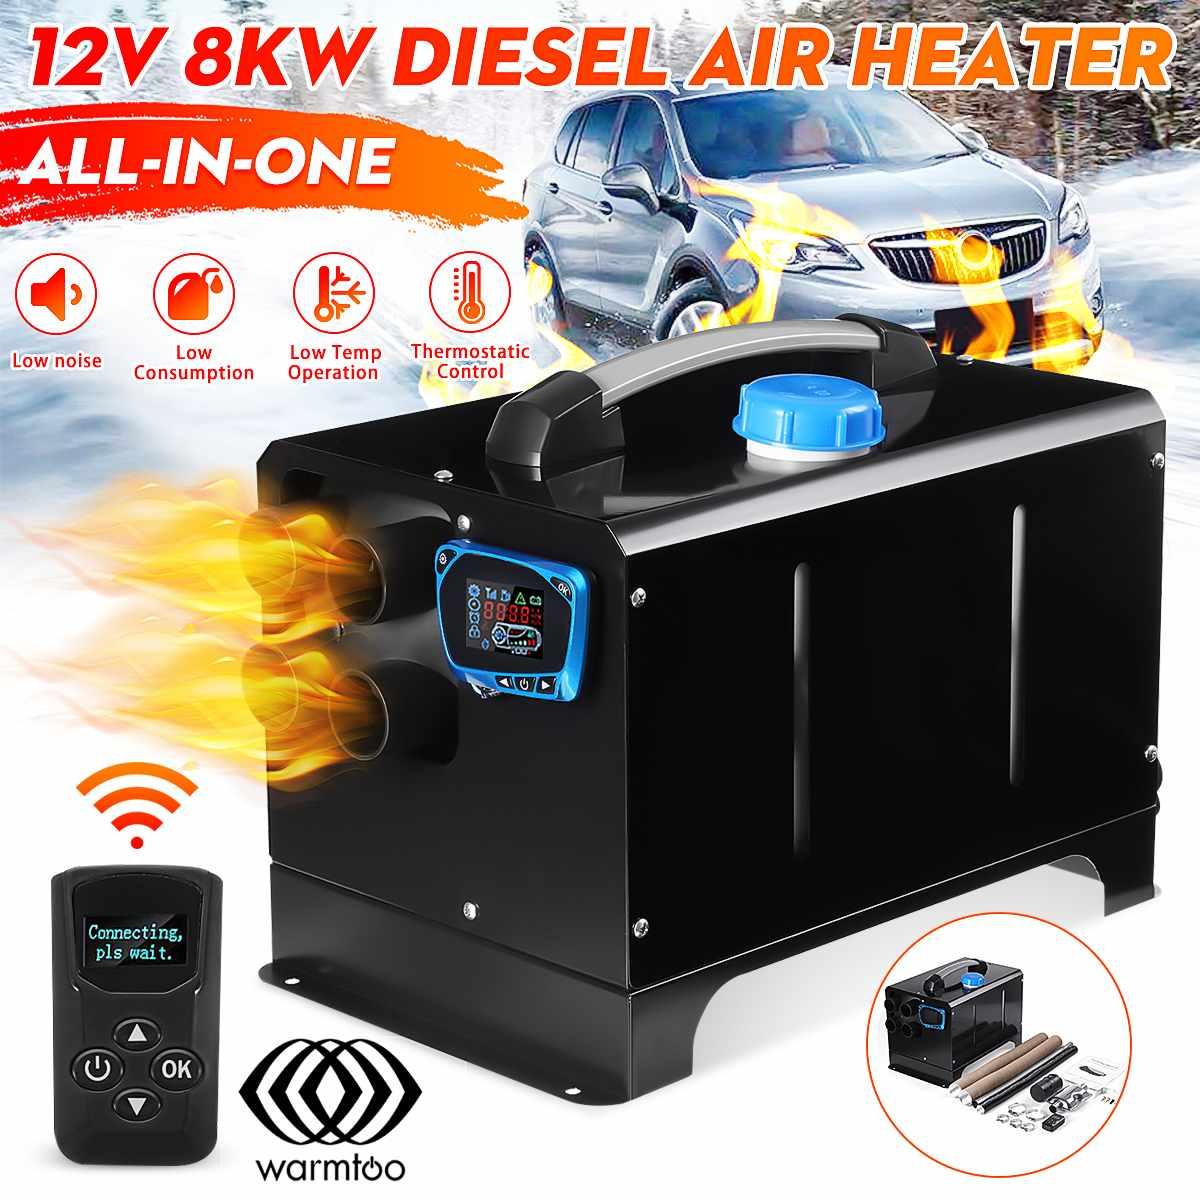 Mini calentador de aire diésel todo en uno, 8KW 12V, calentador de coche, Monitor LCD, herramienta de máquina de calentamiento de estacionamiento para coche, camión, autobús, barco RV